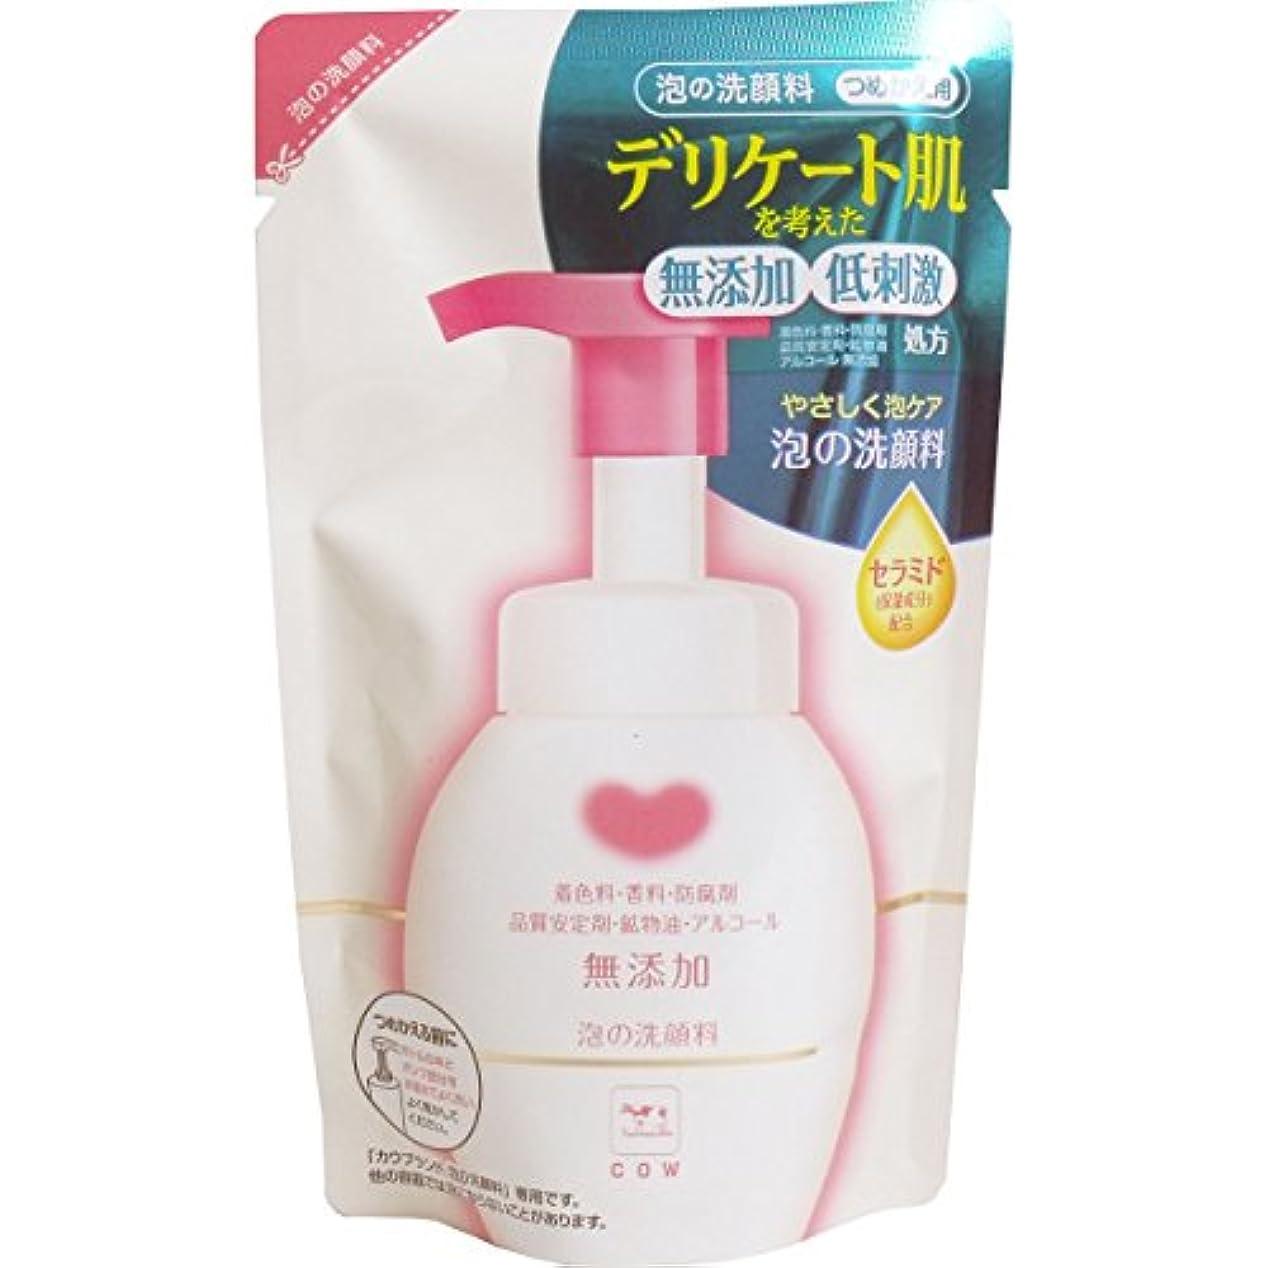 包括的細胞委員会カウブランド無添加泡の洗顔料詰替用 180mL【3個セット】